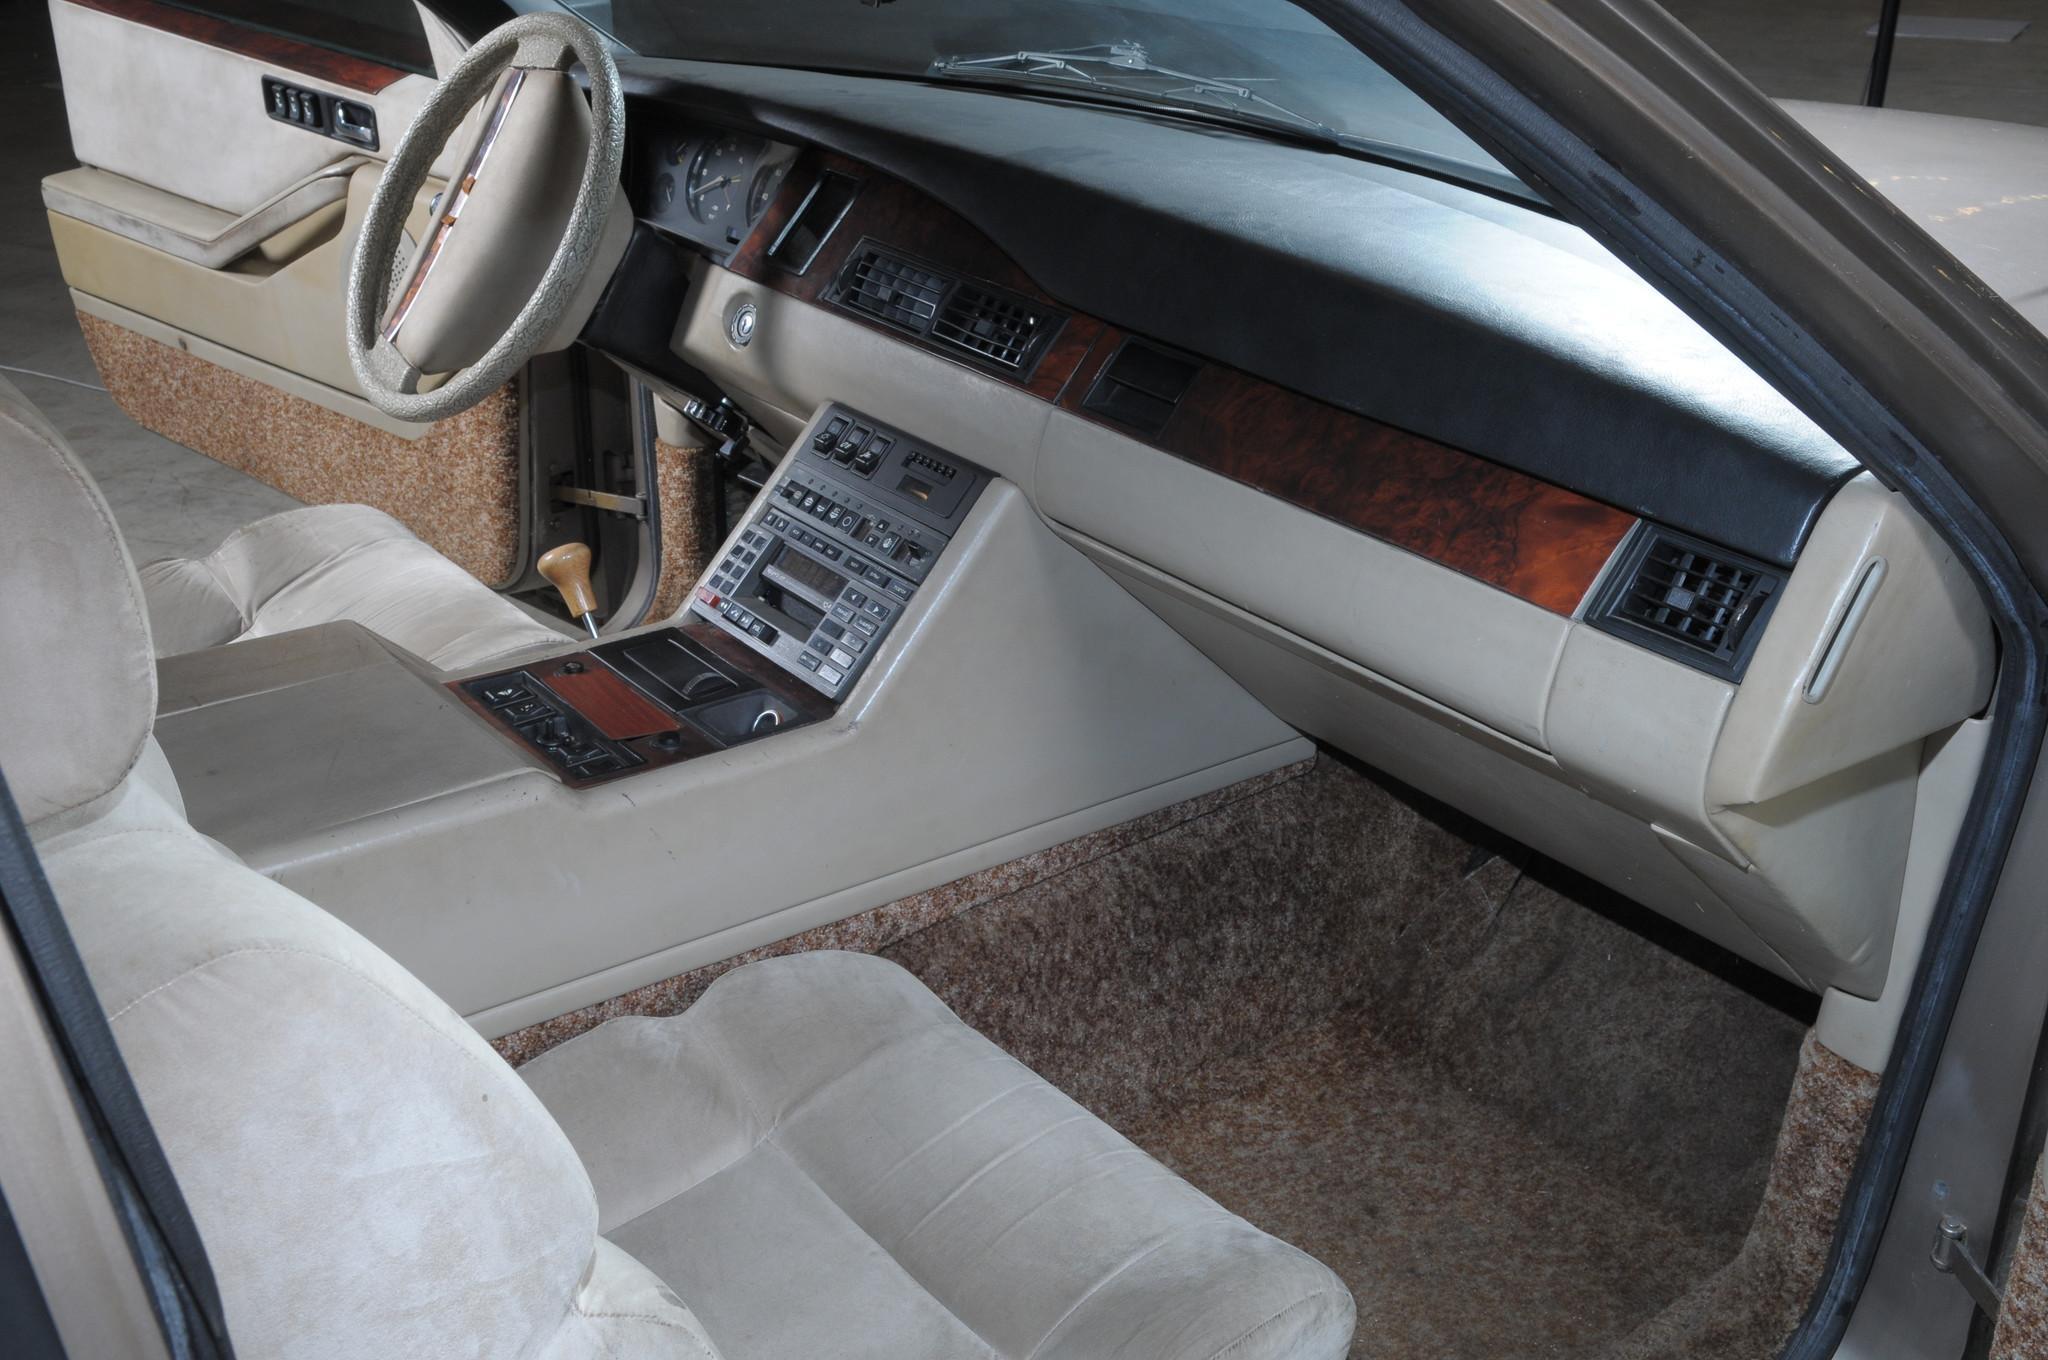 ЗИЛ-4102 имел электрические стеклоподъёмники, радиоприёмник с электронной настройкой, проигрыватель